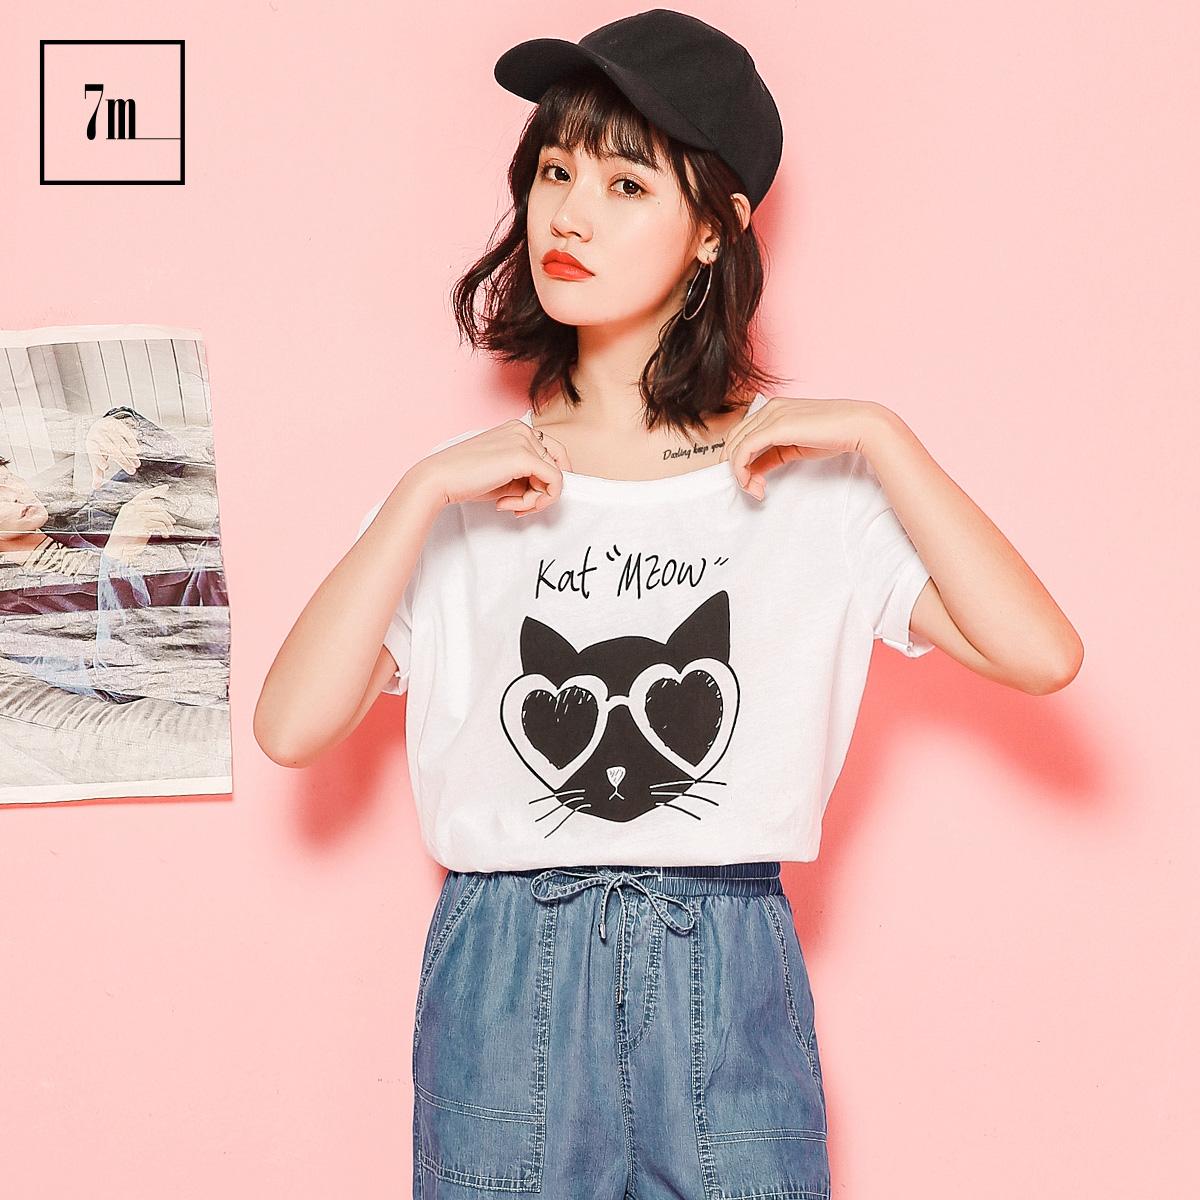 拉夏贝尔7m2017夏新猫咪印花圆领上衣绑带宽松短袖t恤女70007908